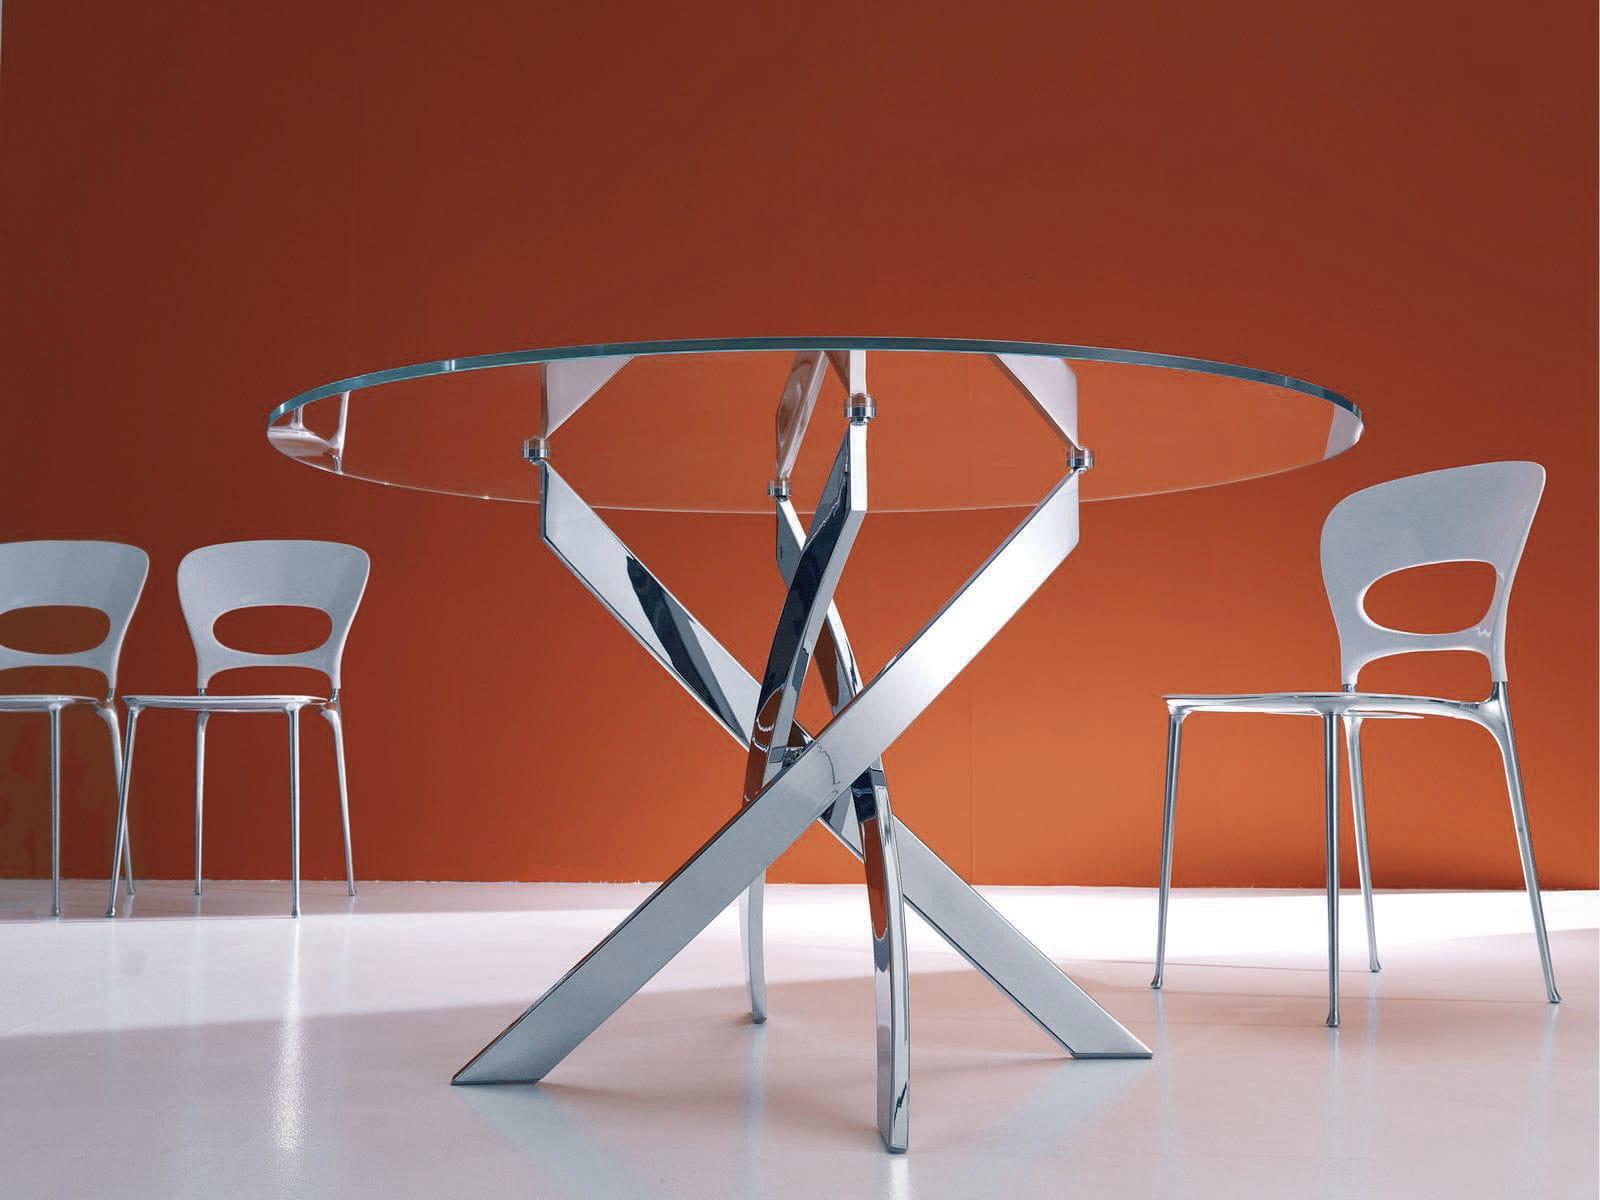 Tavoli Da Pranzo Rotondi In Vetro.Tavolo Da Pranzo Moderno Barone Bontempi Casa In Vetro Tondo